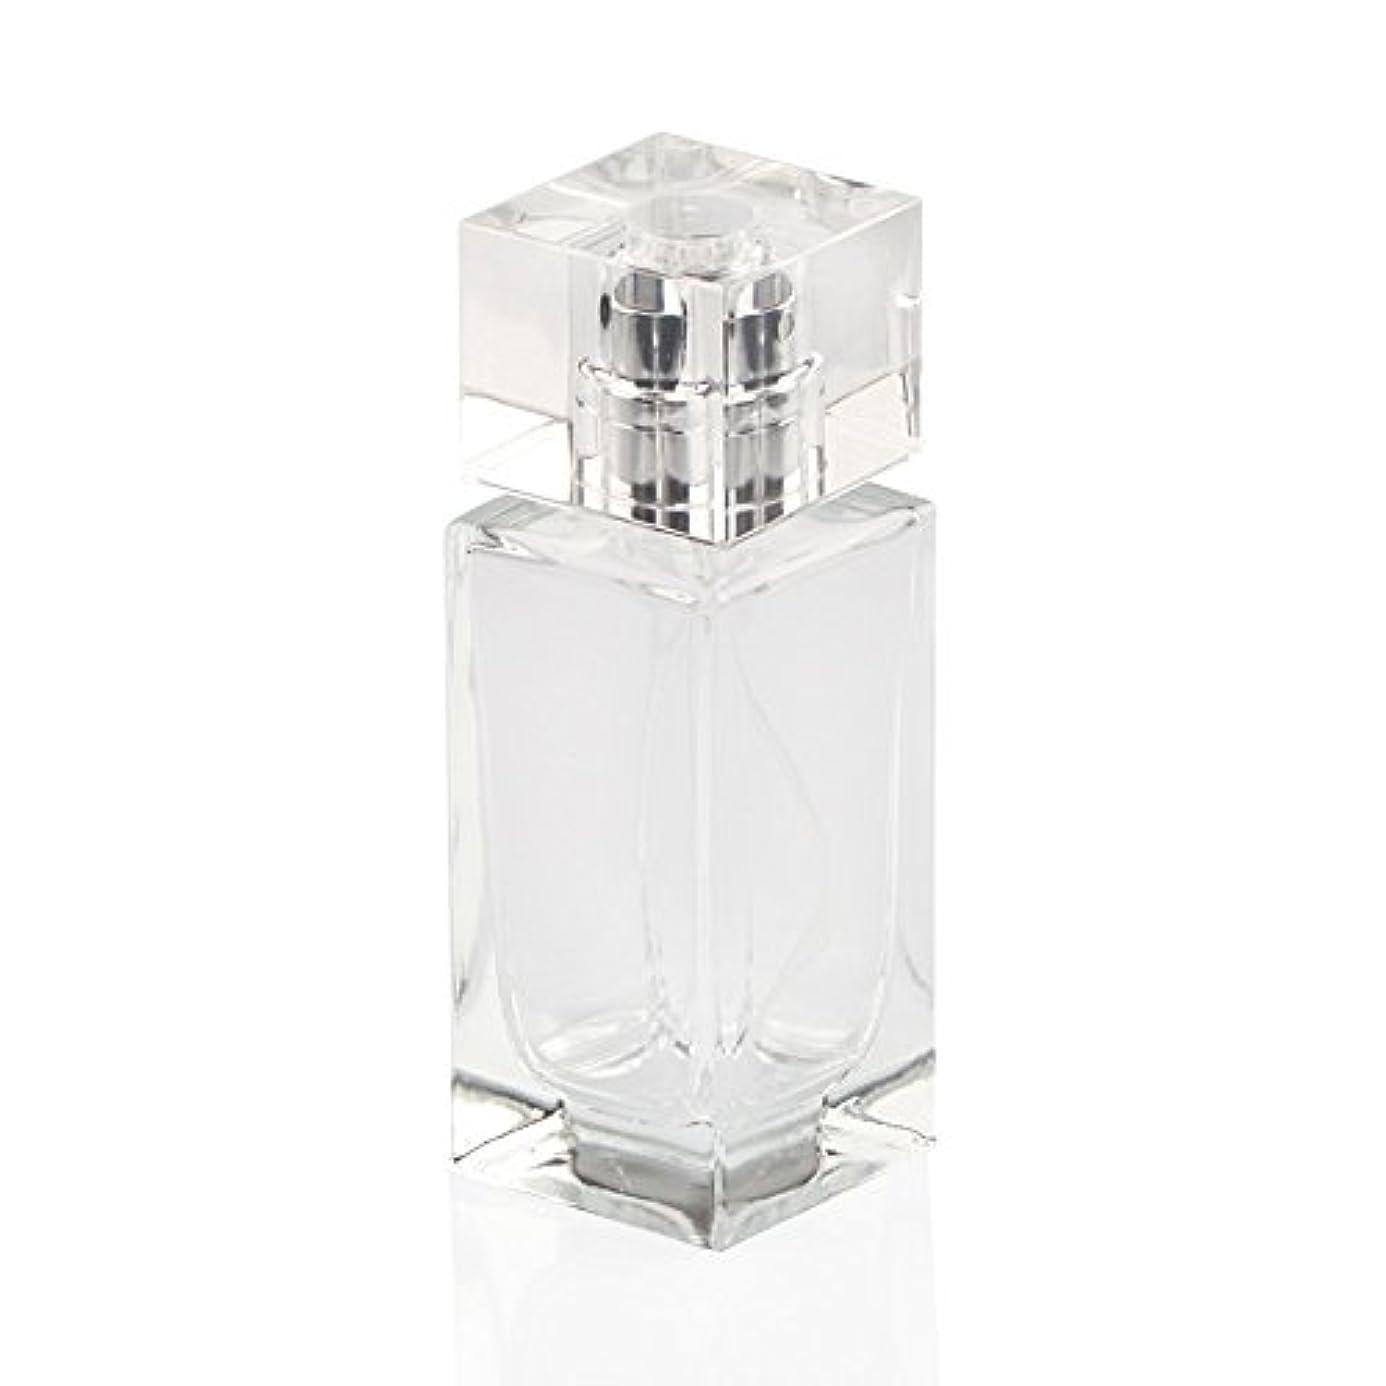 不規則性令状記録SAGULU 高品質ガラスボトル 香水瓶  アトマイザー  詰替用ボトル 化粧水用瓶 50ML 透明 シンプルデザイン ホーム飾り 装飾雑貨  銀色と金色のランダム出荷